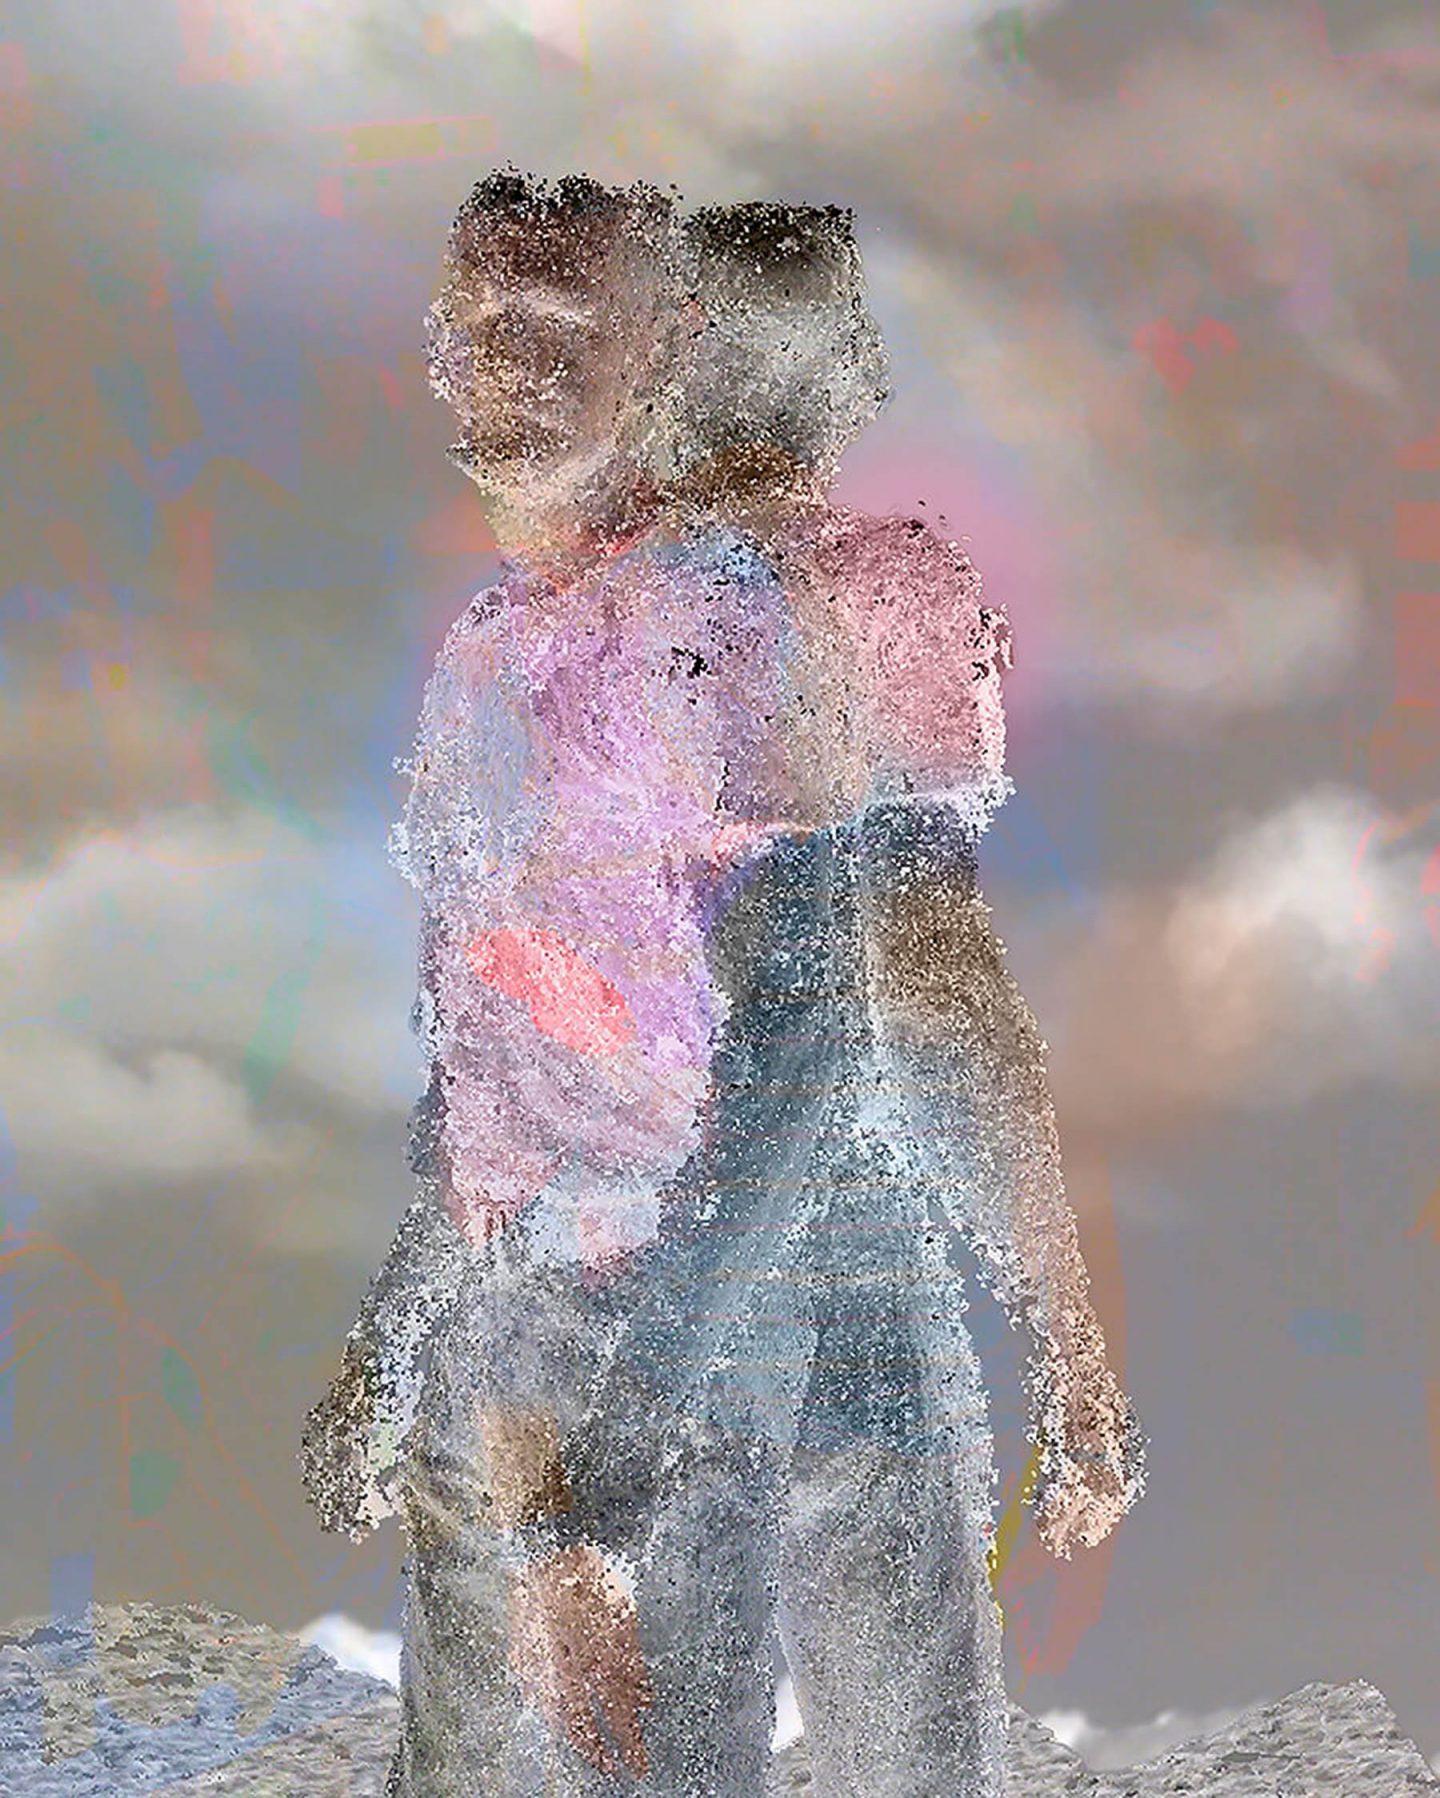 IGNANT-Photography-Simon-Lehner-How-Far-Is-A-Light-Year-7